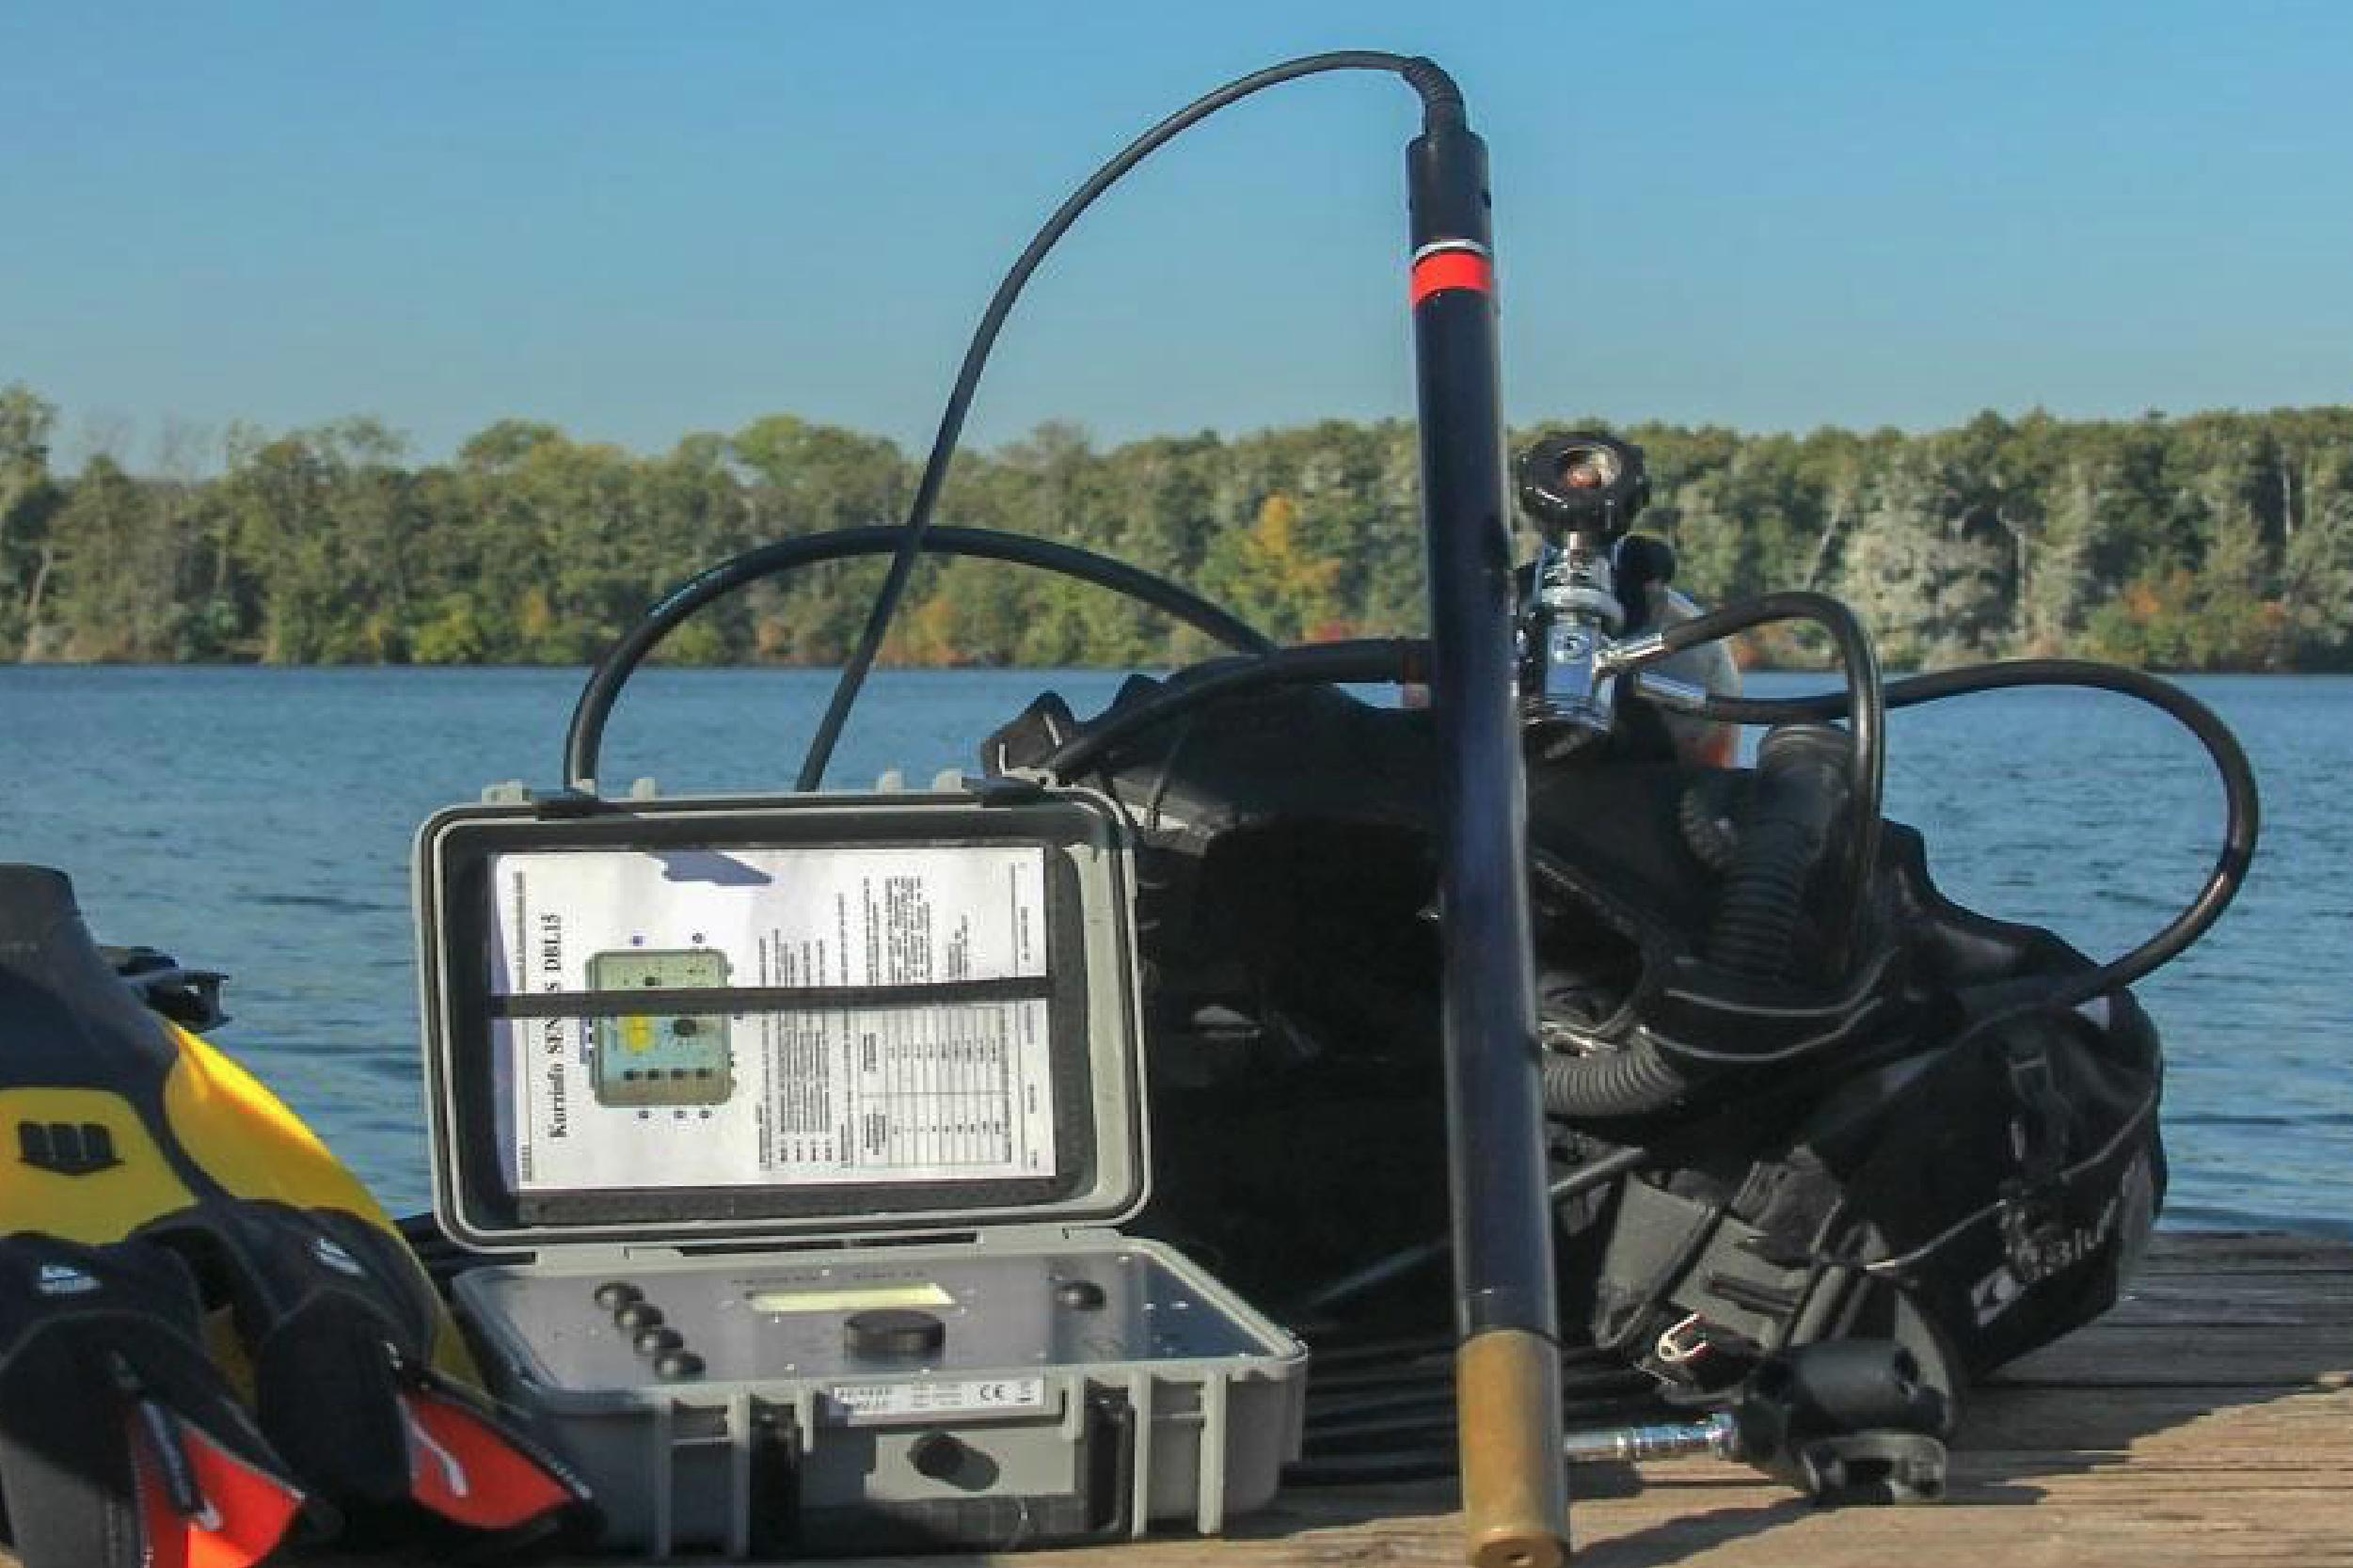 Unidad robusta y compacta con caja IP67, para operar la sonda FGM400/38.